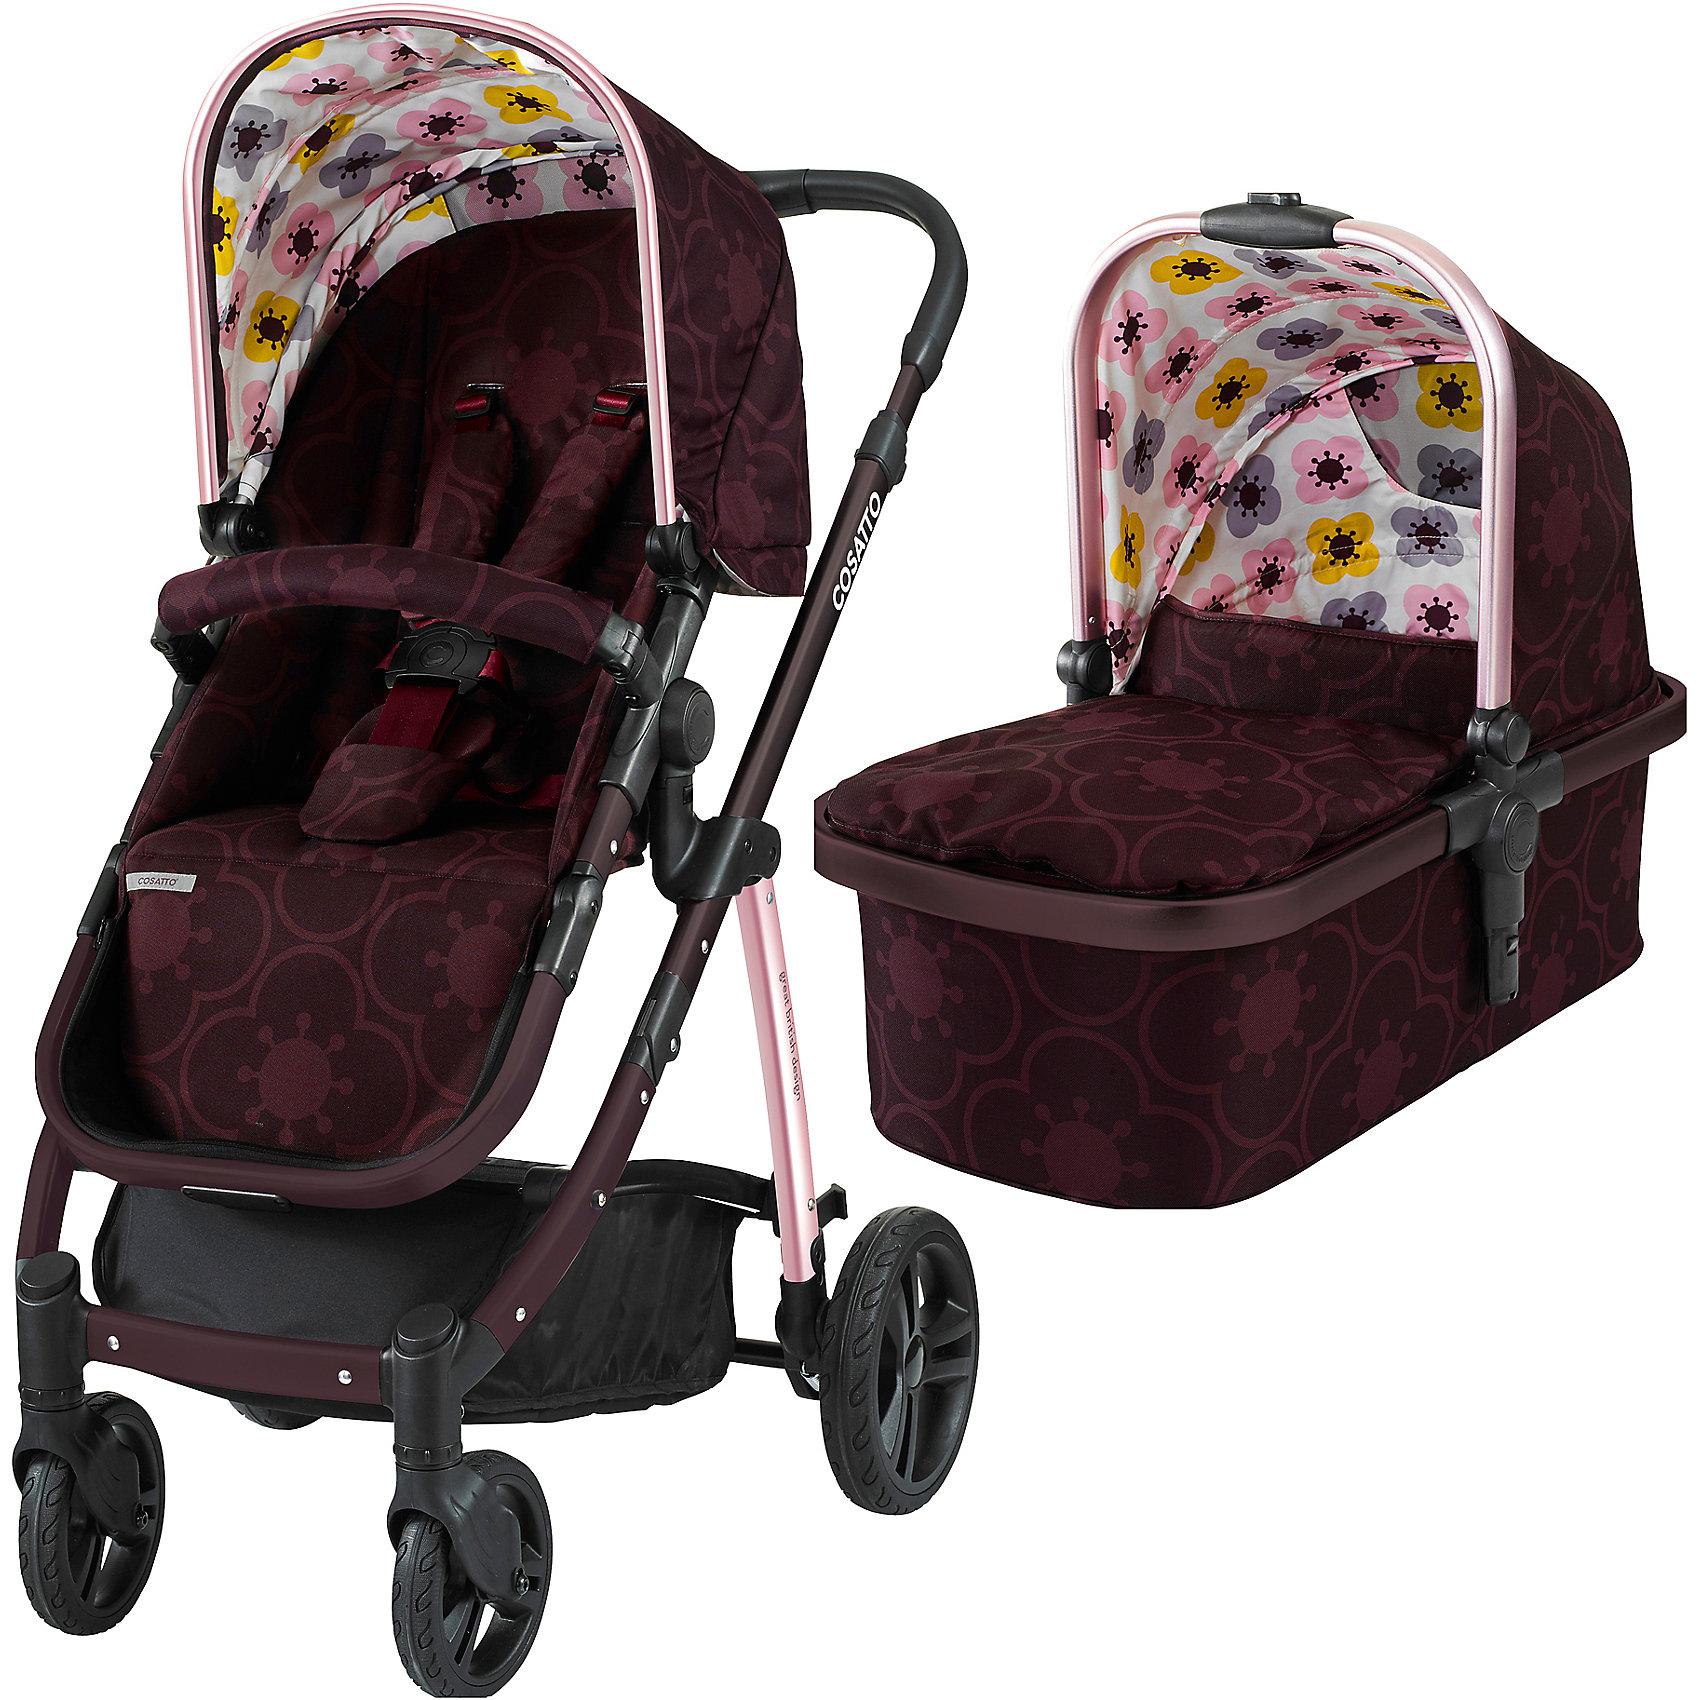 Коляска 2 в 1 Cosatto Wow, PosyКоляски 2 в 1<br>Рады представить Вам модульную коляску 2017 года Cosatto WOW. Для прогулок с новорожденным предусмотрена комфортная люлька с теплой накидкой и мягким матрасиком. Для ребенка постарше на шасси устанавливается прогулочное сиденье. Если малыш захочет поспать прямо во время путешествия, сиденье легко можно перевести в специальное положение для отдыха.<br><br>Коляской легко и приятно управлять благодаря вращающимся передним колесам, а амортизация обеспечивает плавный ход на любой местности.<br><br>Характеристики:<br><br>    Для детей с рождения (люлька) до 4 лет (прогулочный блок), весом до 15 кг<br>    Комфортное сиденье может быть установлено лицом к маме либо по ходу движения<br>    Капюшон с выдвижным солнцезащитным козырьком<br>    Петли для игрушек, расположенные на капюшоне<br>    5-точечные ремни безопасности с мягкими накладками<br>    Съемный бампер-ограничитель, обитый тканью<br>    Телескопическая ручка с обивкой из кожзаменителя, регулируется по высоте<br>    Резиновые колеса повышенной проходимости<br>    Передние колеса - поворотные, оснащены фиксаторами<br>    Амортизация на всех колесах<br>    Легкая алюминиевая рама<br>    Большая корзина для покупок с удобными отделениями<br>    Возможность установки на шасси коляски автокресла Cosatto Port группы 0+ (приобретается дополнительно)<br>    В комплекте: шасси, люлька, прогулочный блок, дождевик<br><br>Люлька:<br><br>    Для детей с рождения до 6 месяцев<br>    Комфортный матрасик<br>    Съемный моющийся вкладыш<br>    Удобная ручка для переноски<br><br>Размеры:<br><br>Коляска в разложенном виде (Ш х Д х В), см: 58 х 89 х 96-109<br><br>Коляска в сложенном виде (Ш х Д х В), см: 58 х 82 х 31<br><br>Люльки внутри (Ш х Д х В), см: 30 х 67 х 20<br><br>Ширина прогулочного сиденья: 31 см<br><br>Глубина сиденья: 21 см<br><br>Длина спинки сиденья: 47 см<br><br>Длина подножки: 22 см<br><br>Диаметр передних колес: 17 см<br><br>Диаметр задних колес: 23,5 см<br><br>Вес:<br